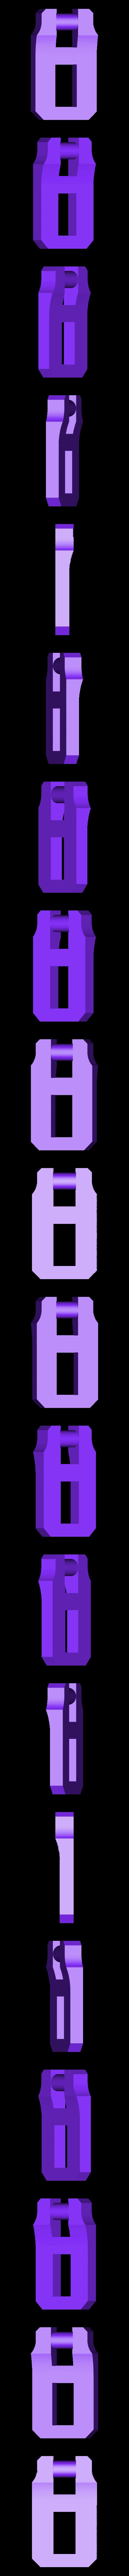 clip2.stl Télécharger fichier STL gratuit Moraillon de style classique pour boîtes modèle 2 • Modèle à imprimer en 3D, raffosan